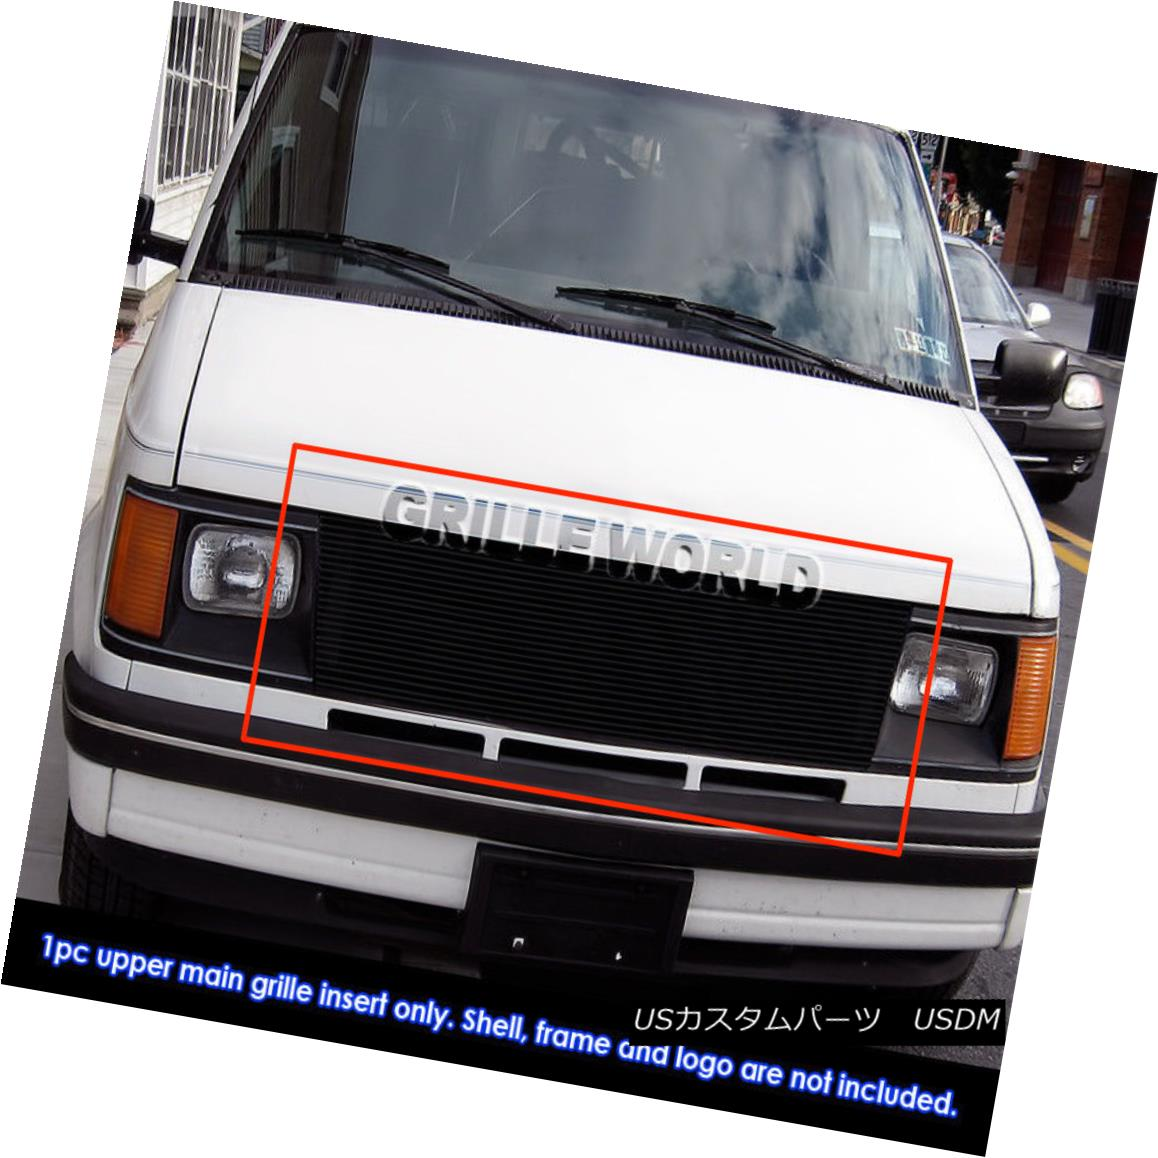 グリル For 85-94 Chevy Astro Van/ GMC Safari Van Black Billet Grille Grill Insert 85-94シボレー・アストロ・バン/ GMCサファリ・バン・ブラック・ビレット・グリル・グリル・インサート